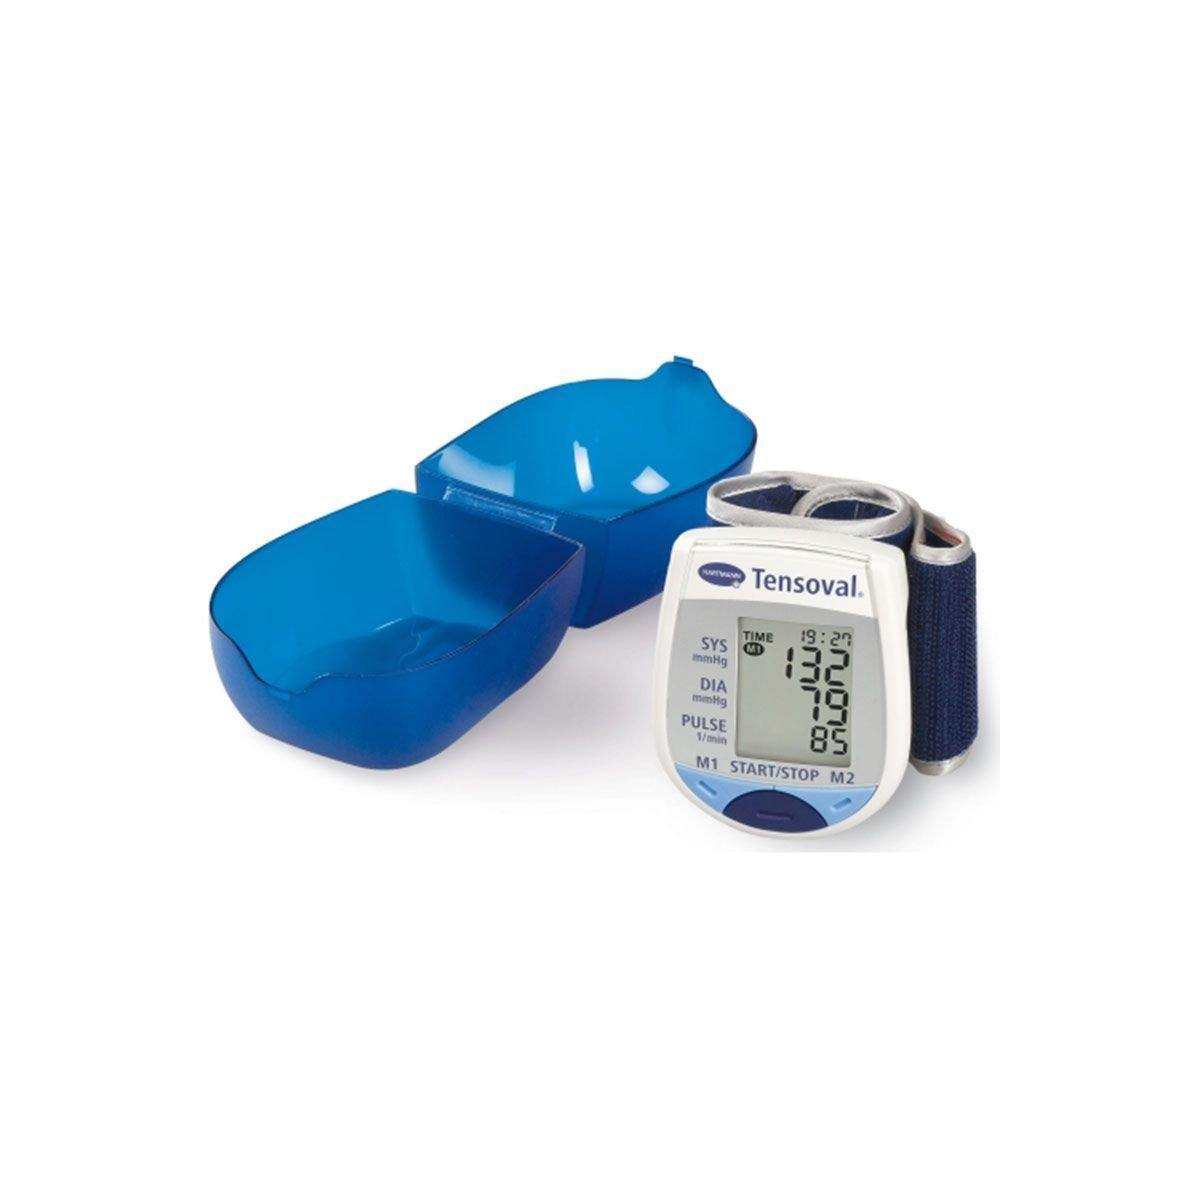 Tensiómetro de muñeca Tensoval Mobil Comfort Air - La unidad - 9001010: Amazon.es: Salud y cuidado personal